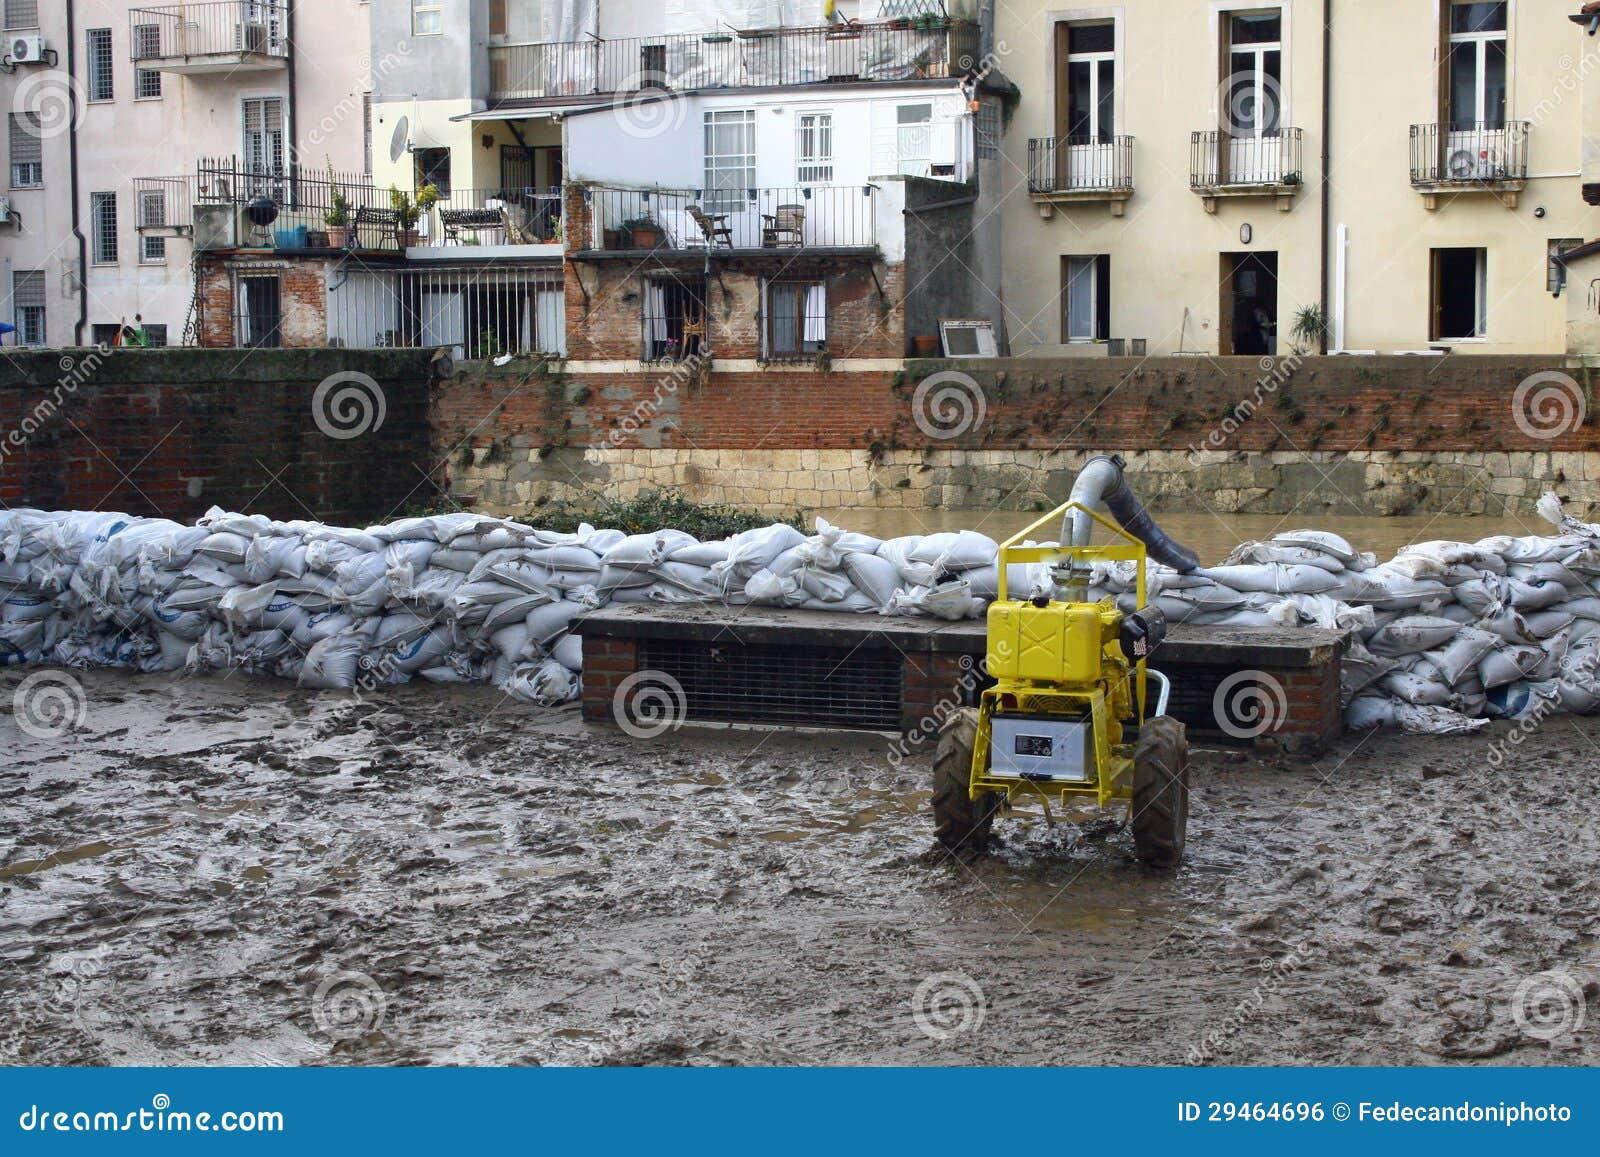 Sacs de sable le long des banques de la rivière après l inondation et l unité centrale